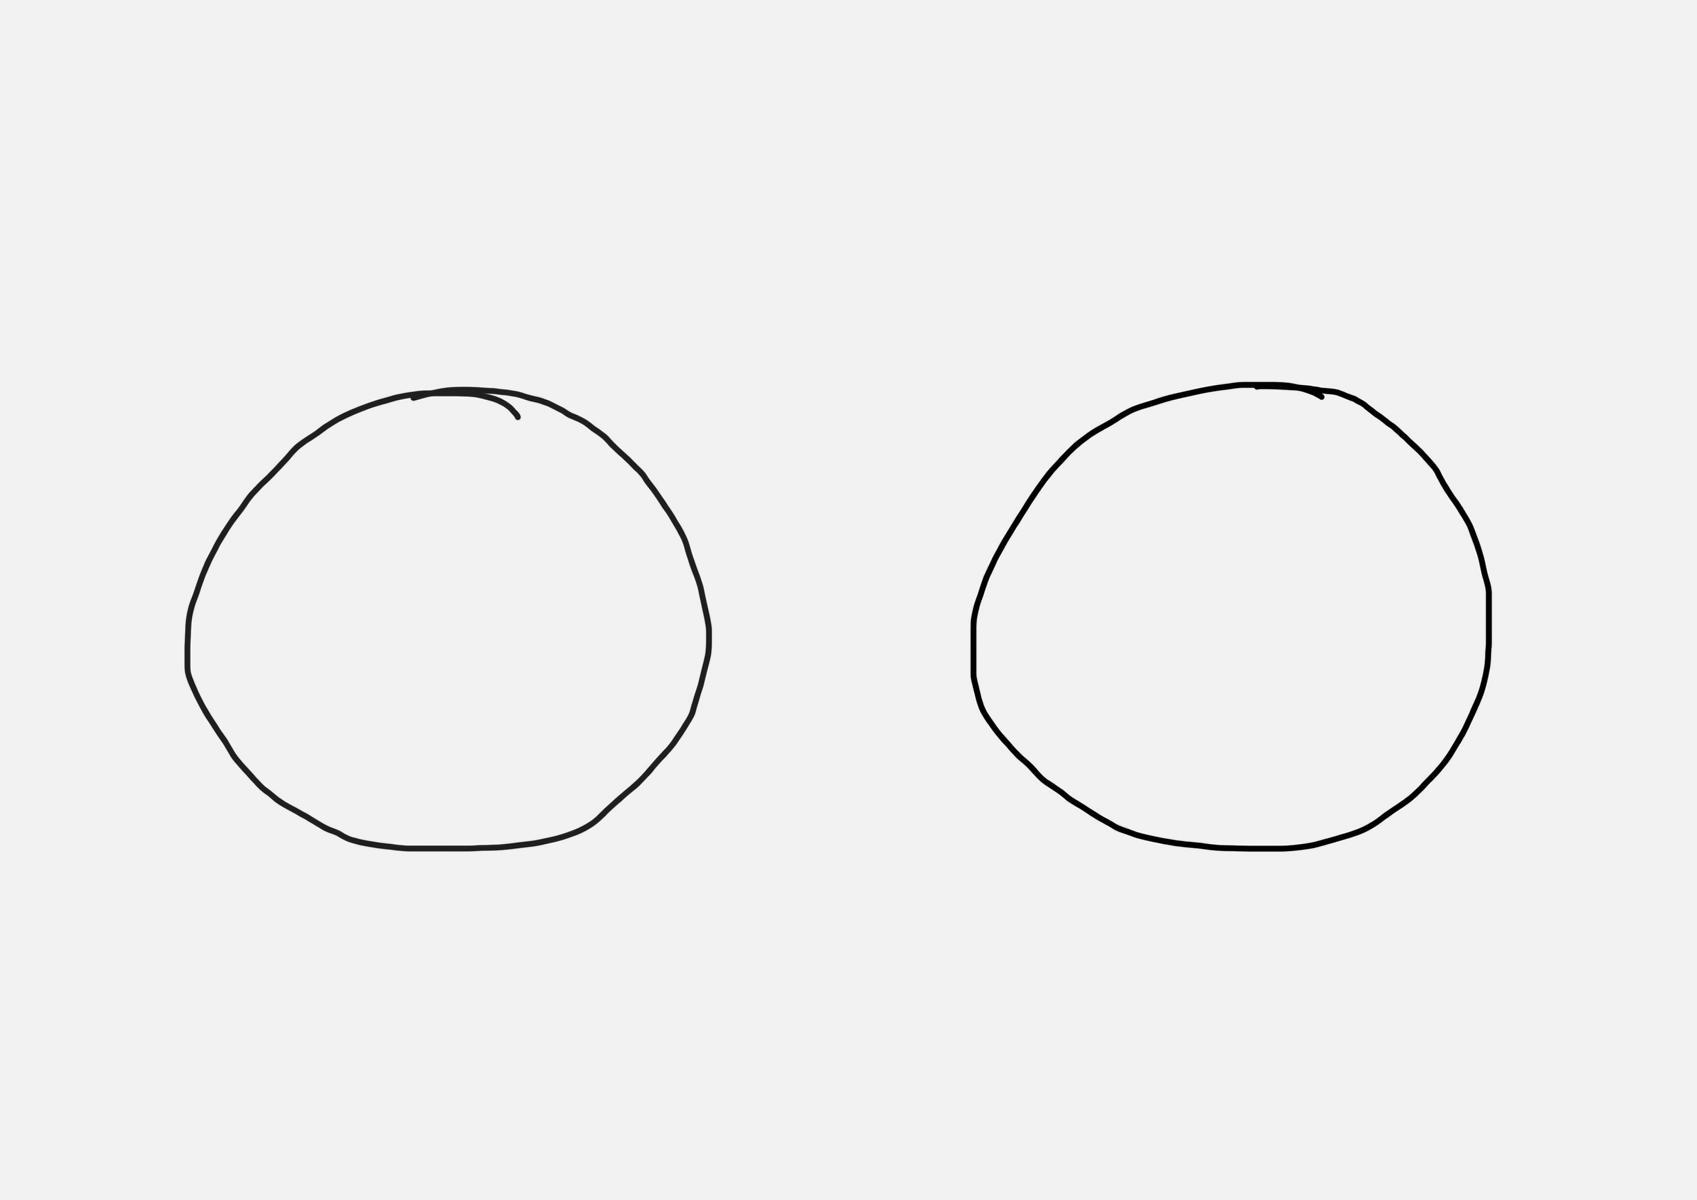 Zeichnen Lernen - Einfache Gesichter - Artandalmonds ganzes Comicfiguren Zeichnen Lernen